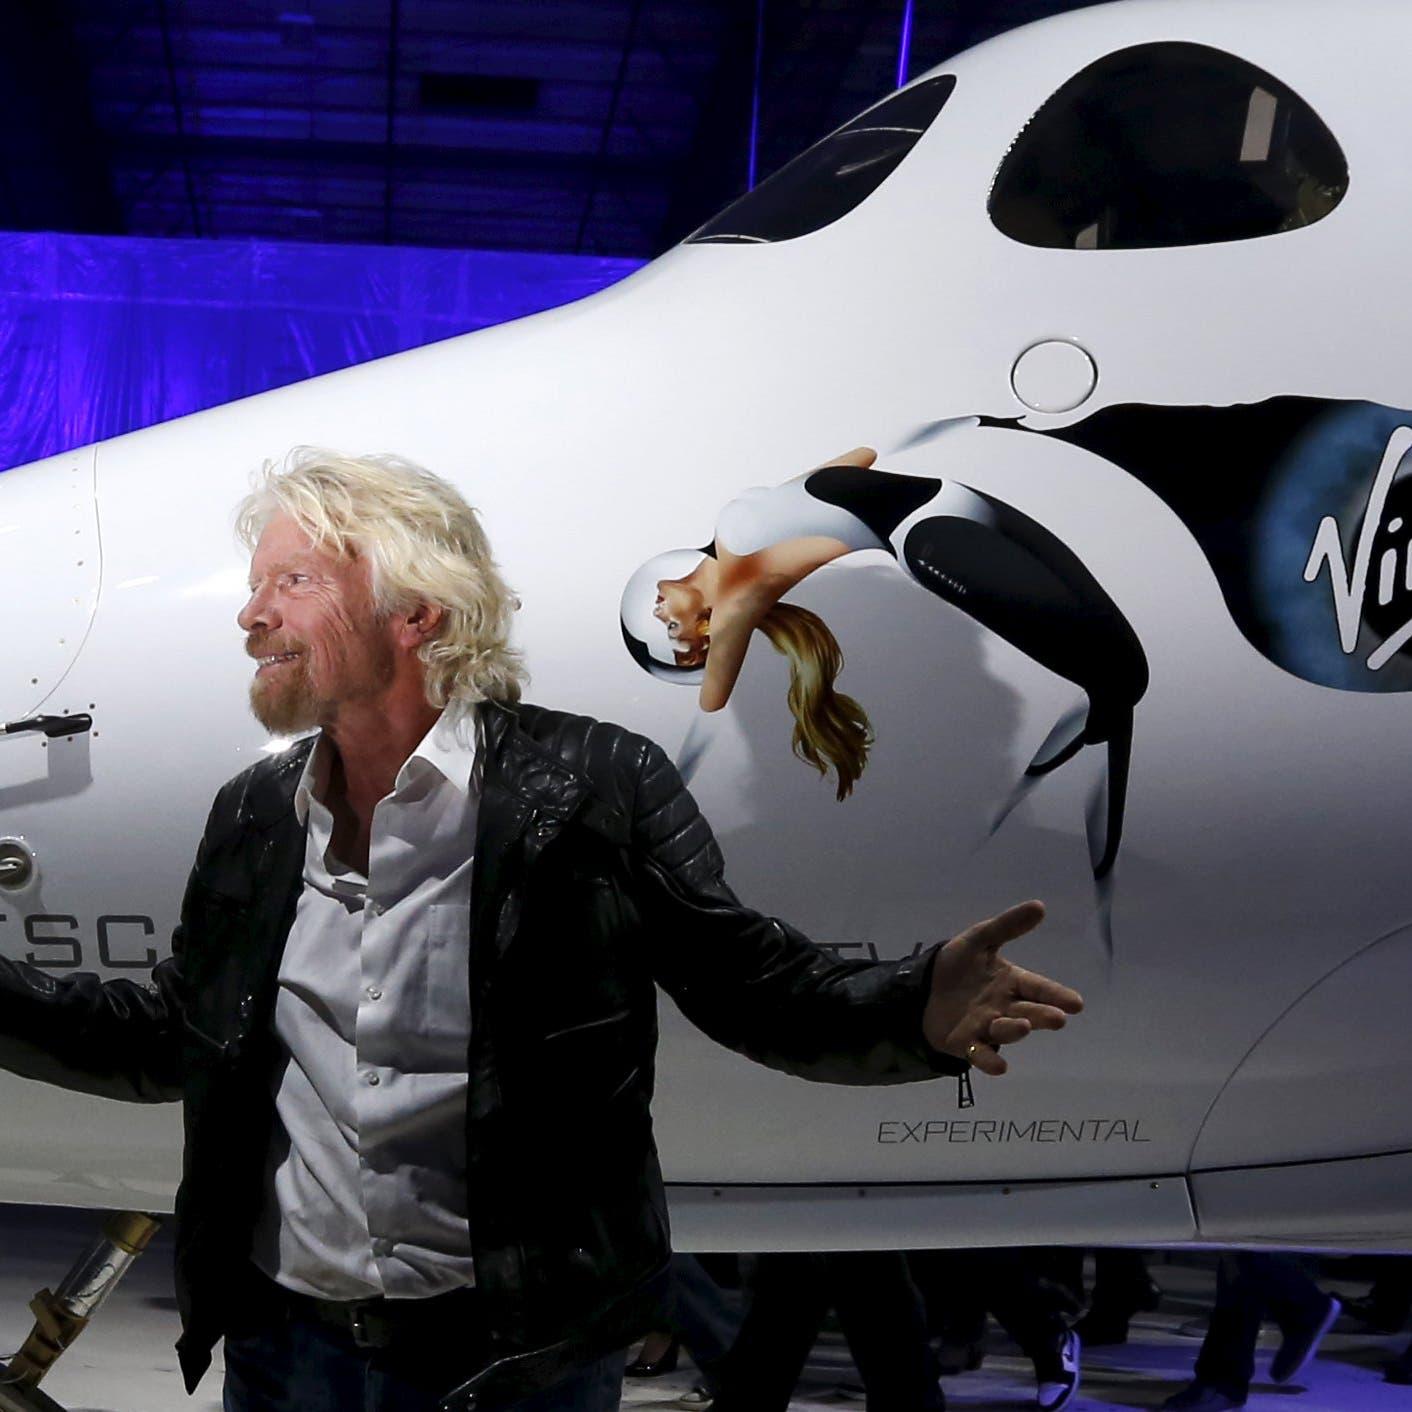 كورونا يدمر شركات الطيران.. فيرجن أتلانتيك للبيع